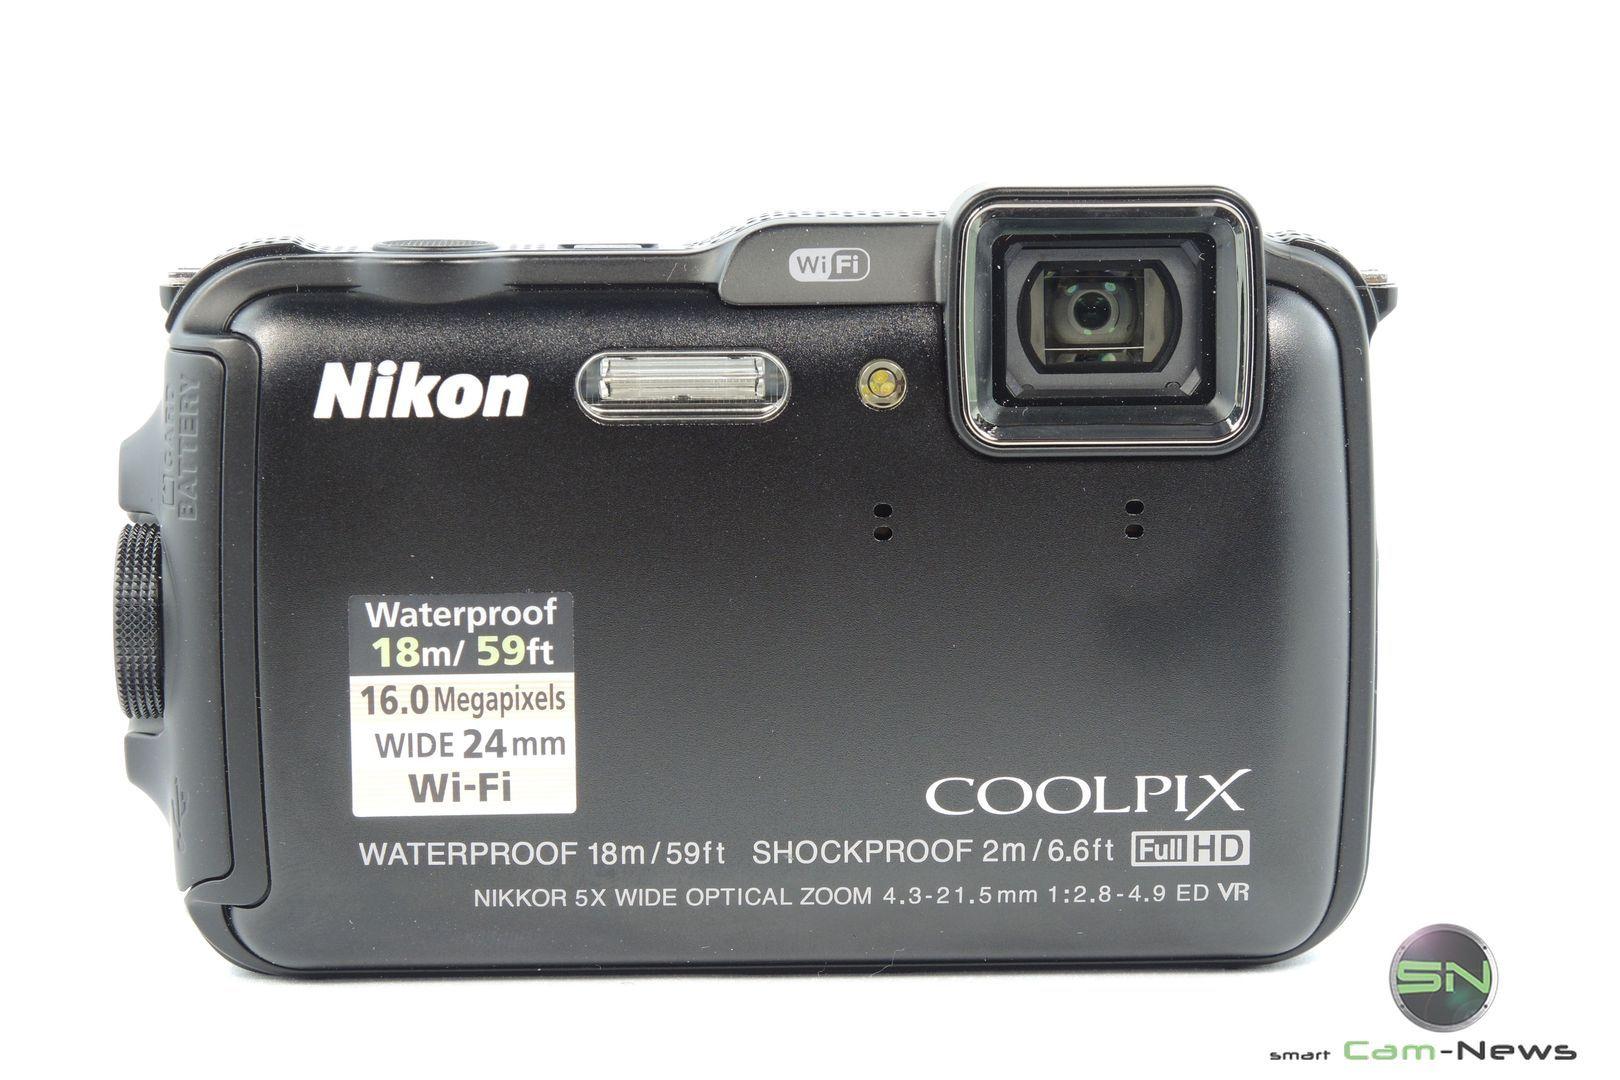 Front Ansicht - Nikon AW120 - SmartCamNews